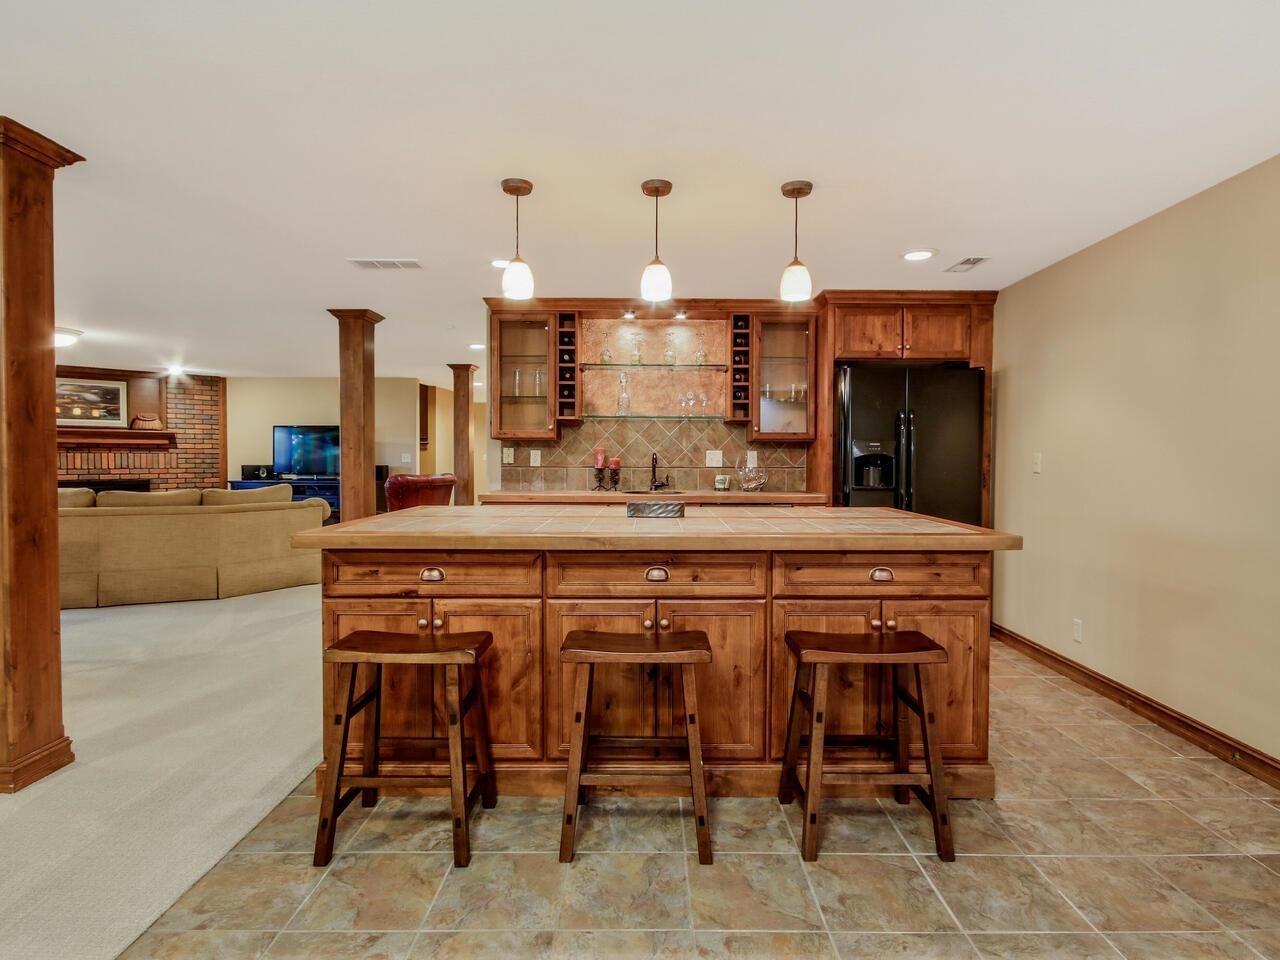 14800 W Maple St., Wichita, KS 67235